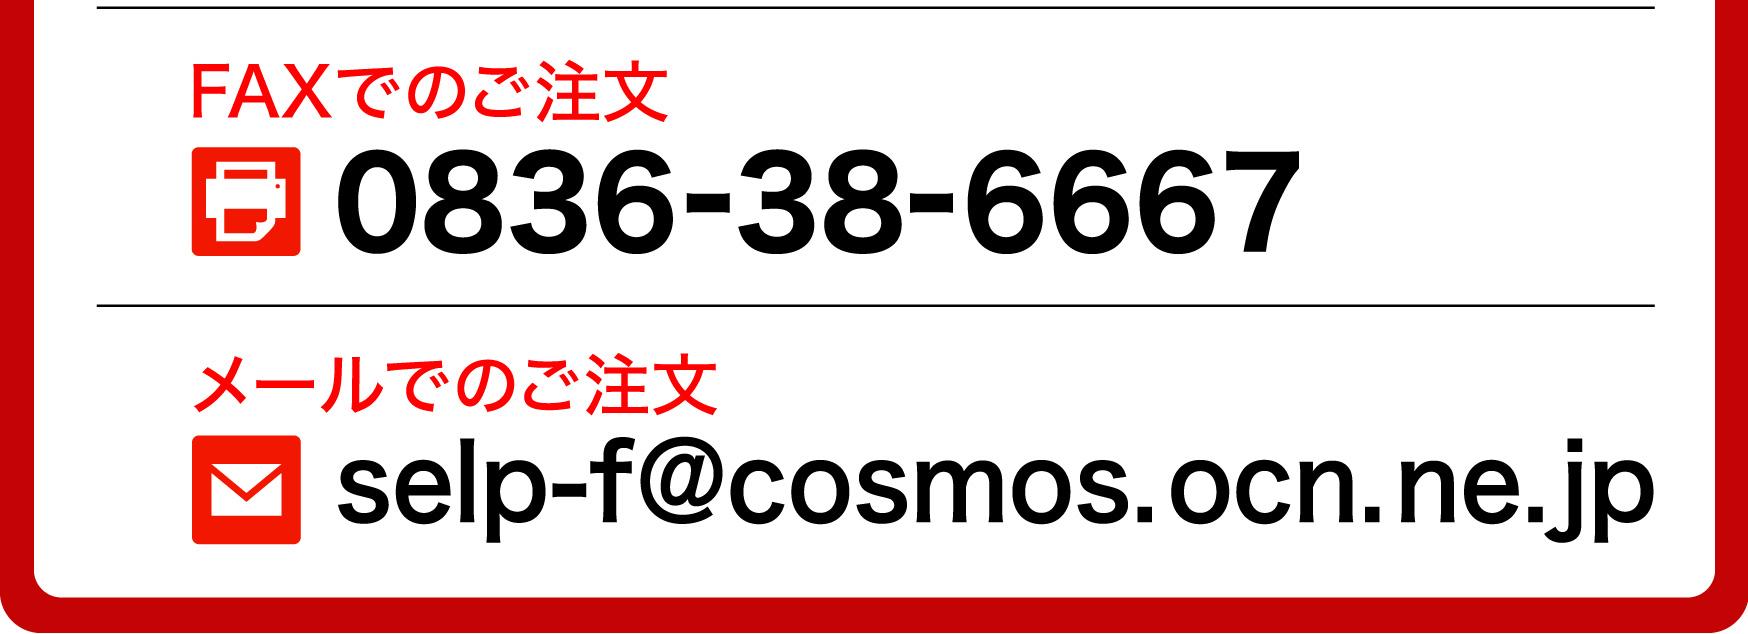 セルプ藤山FAX・メール問い合わせselp-f@cosmos.ocn.ne.jp